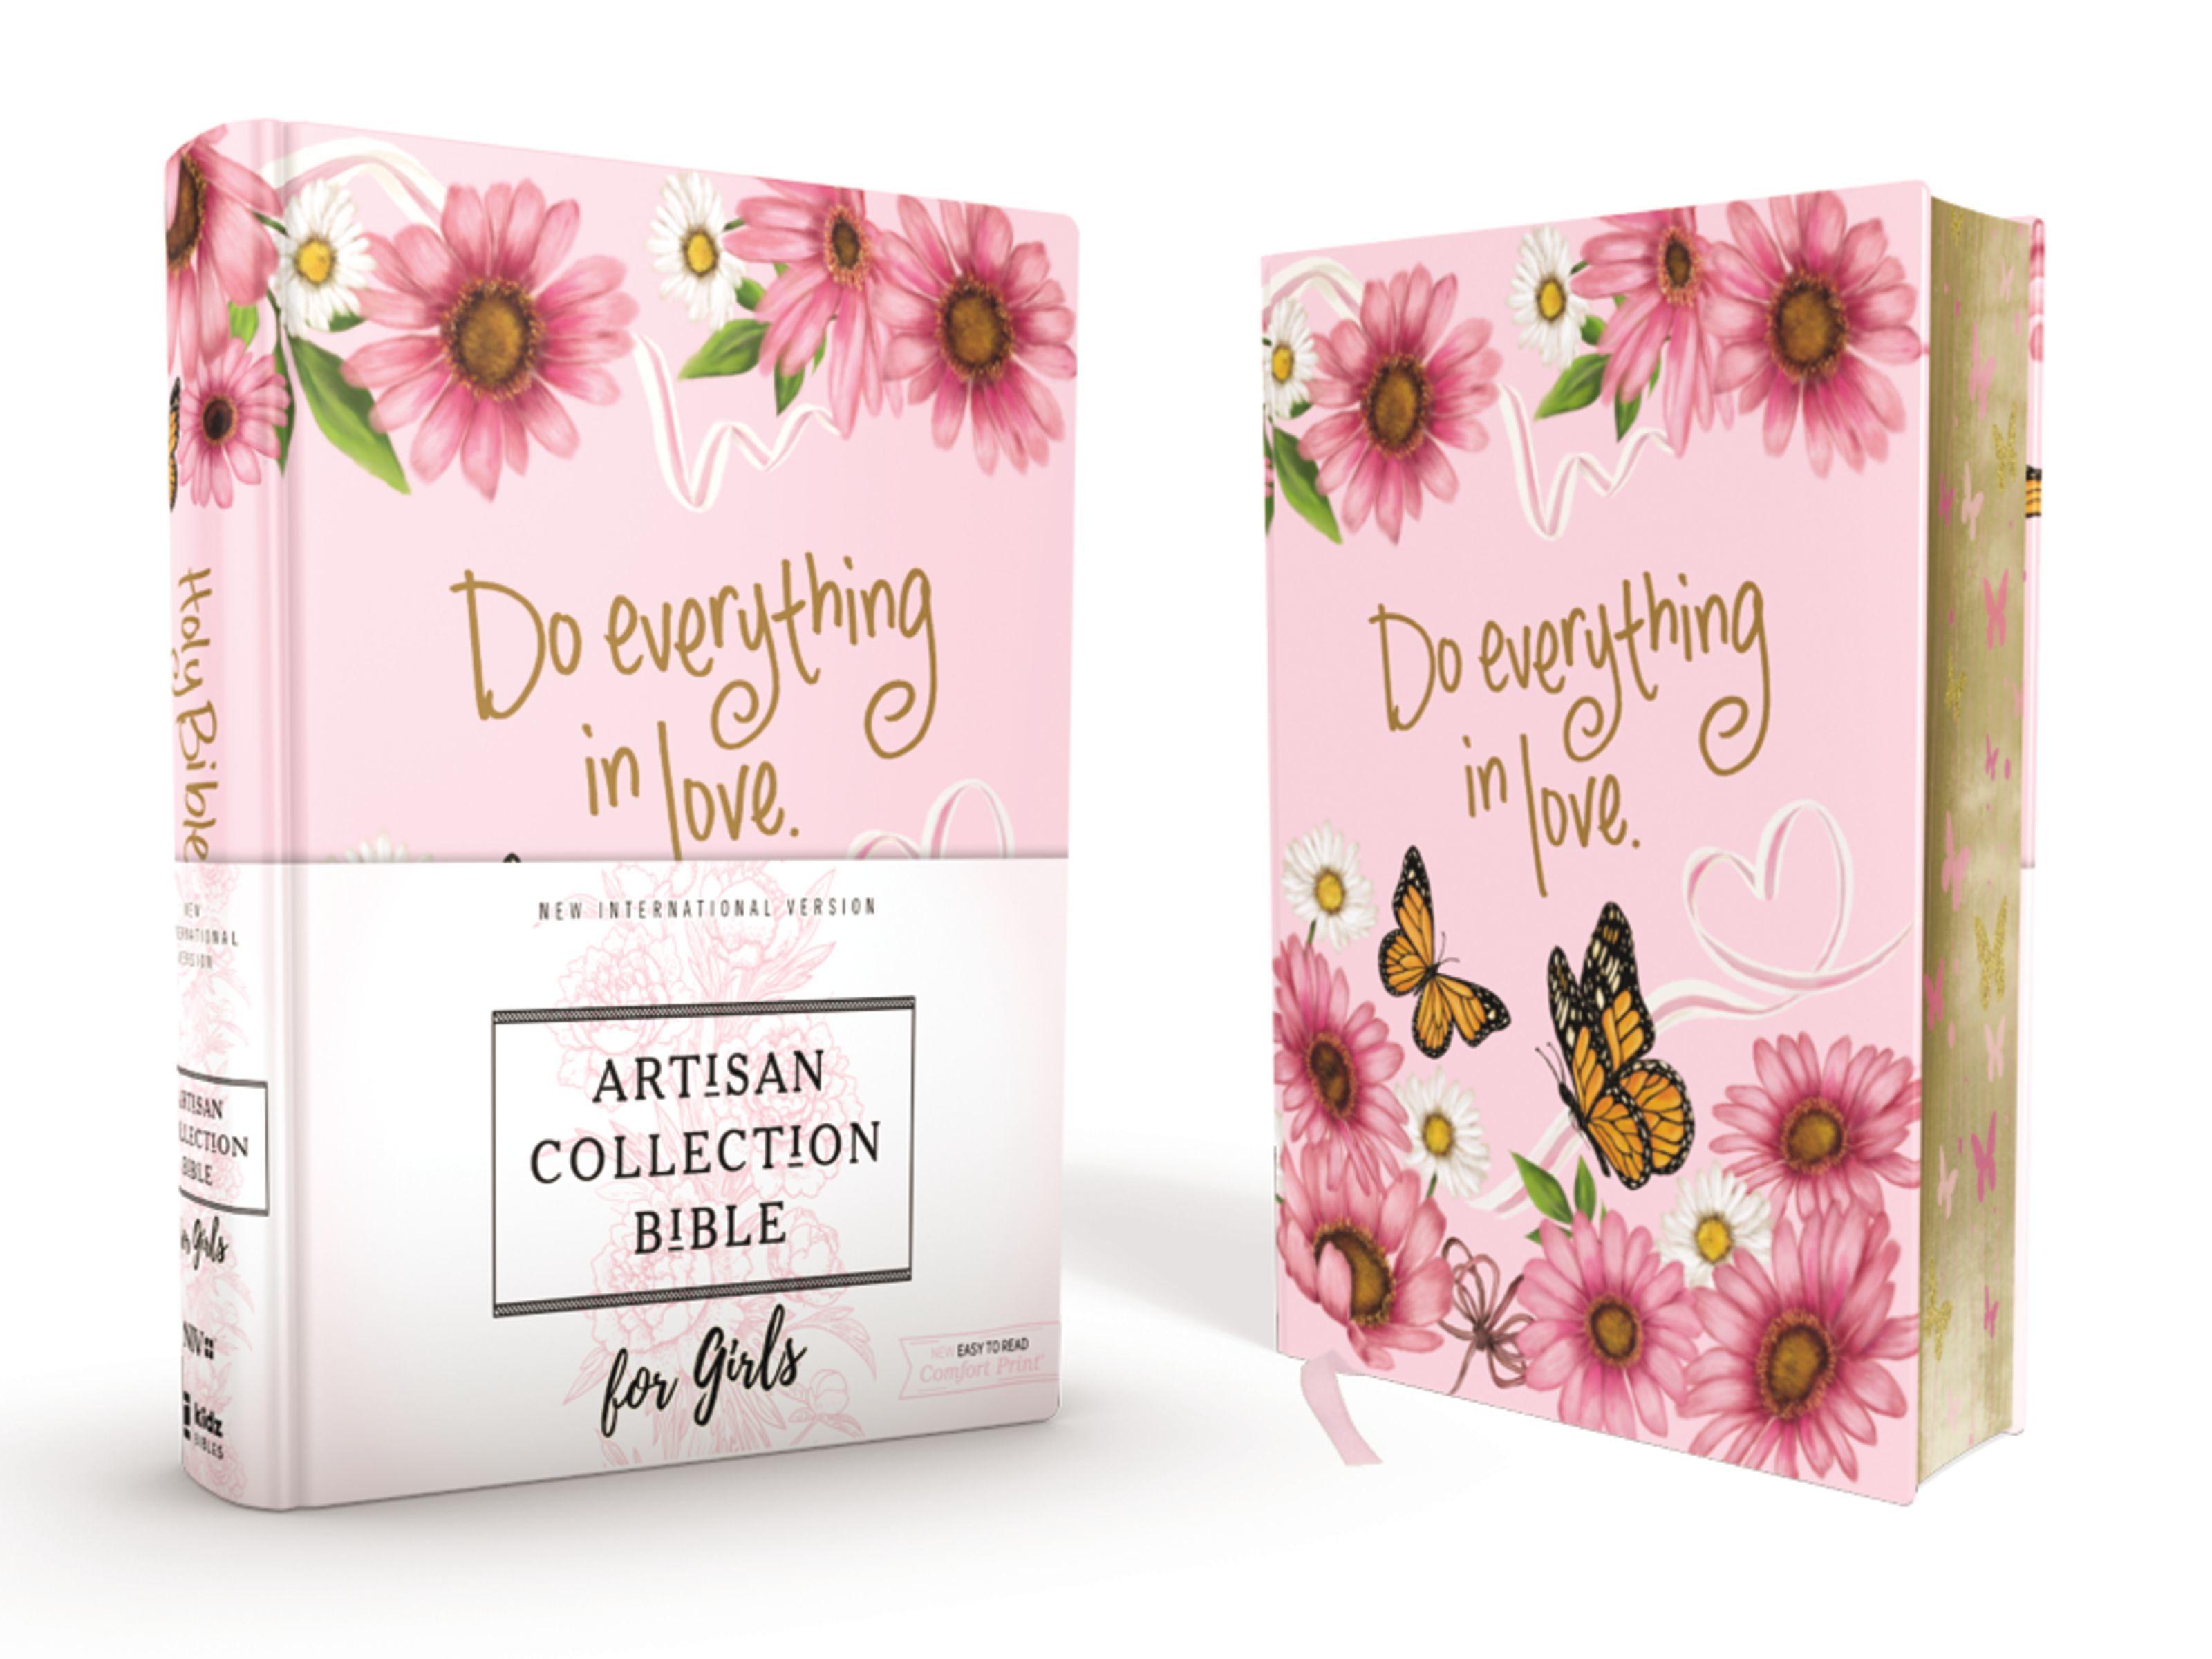 NIV Artisan Collection Bible for Girls